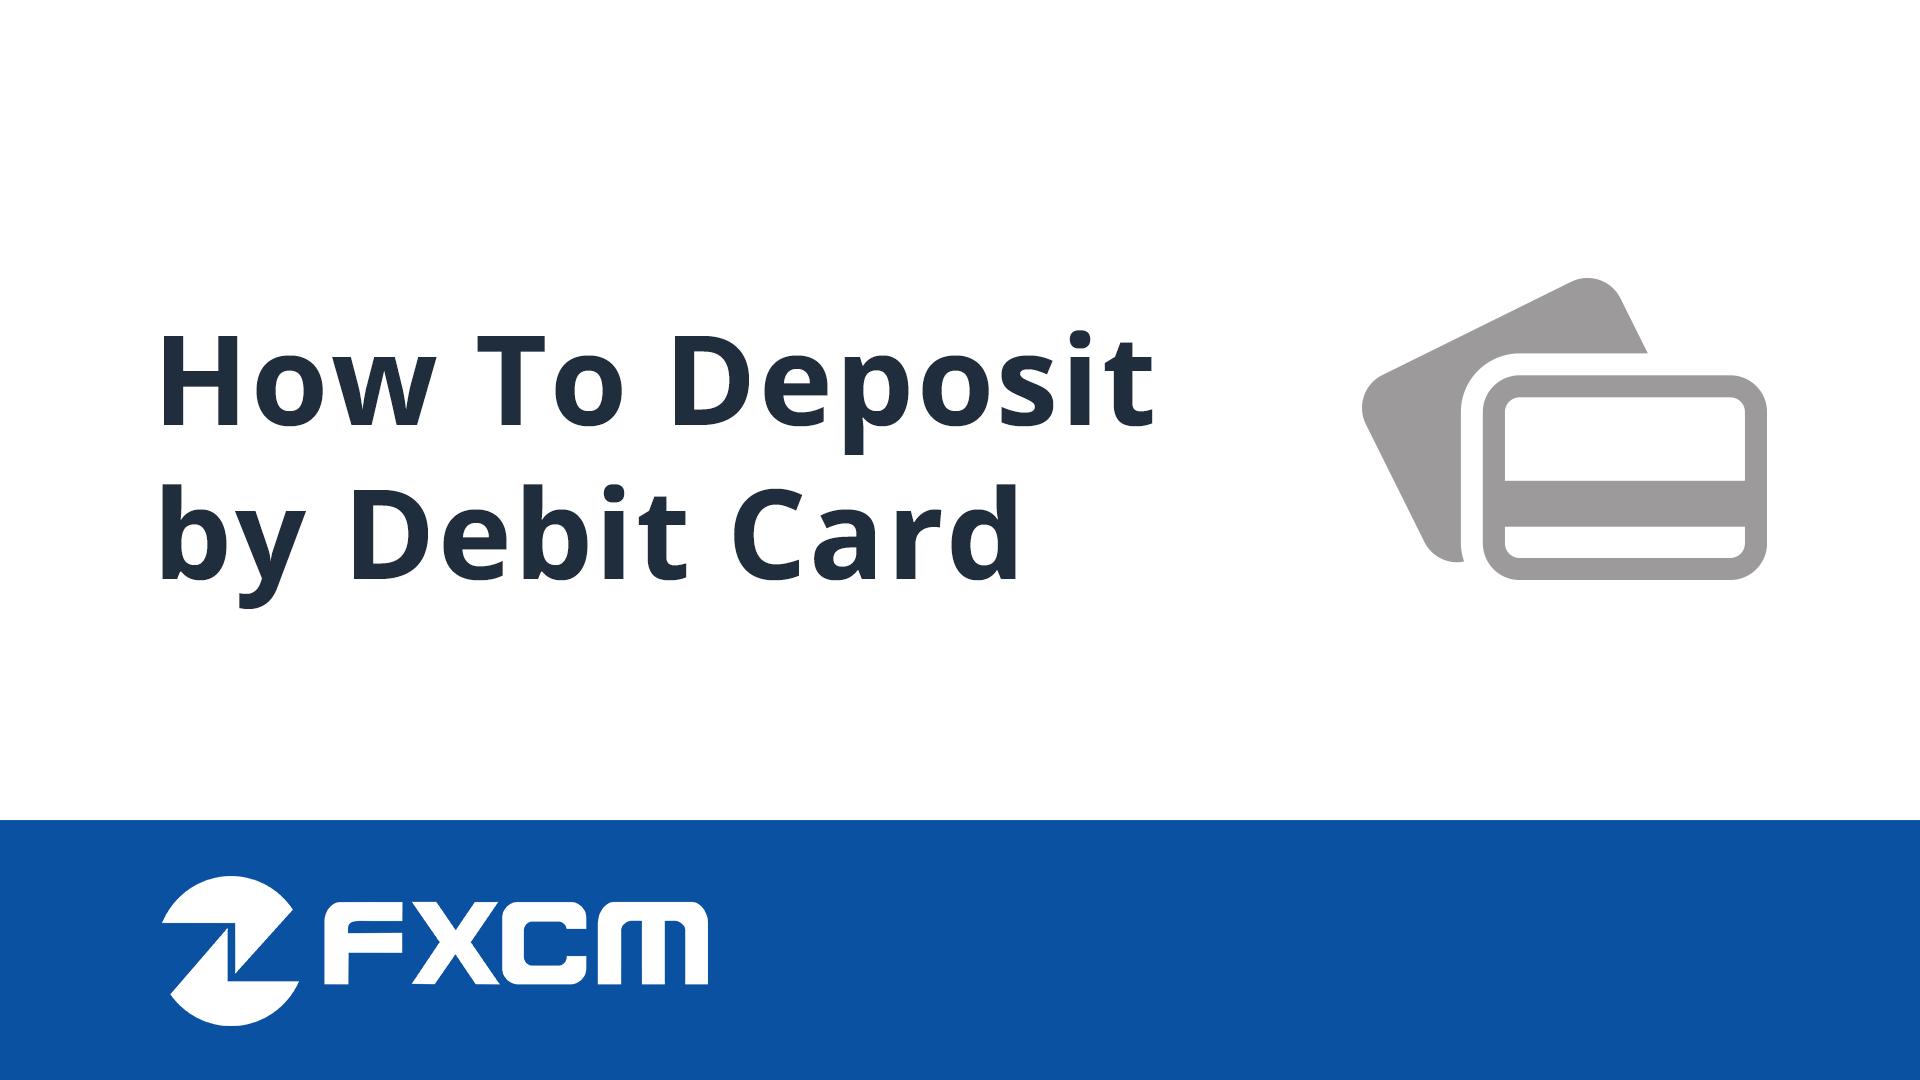 Deposit by Debit Card